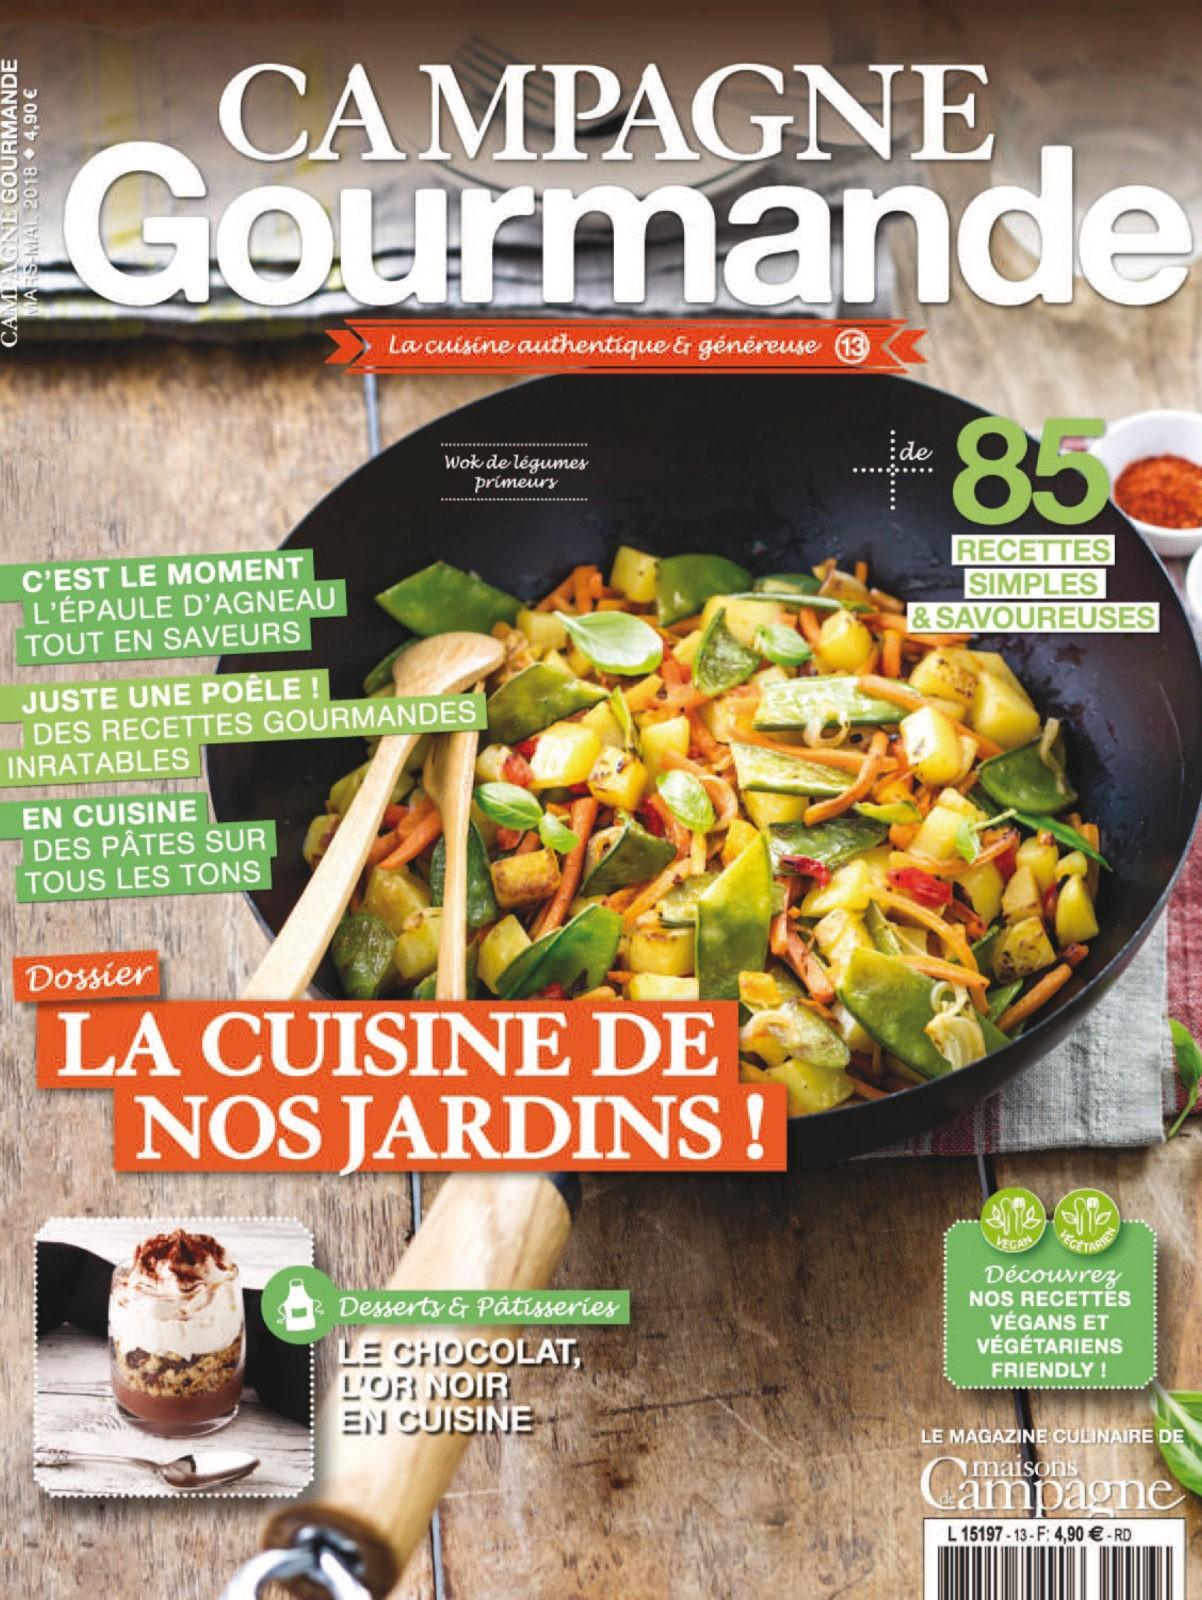 Campagne Gourmande No. 13 - Mars/Avril/Mai 2018